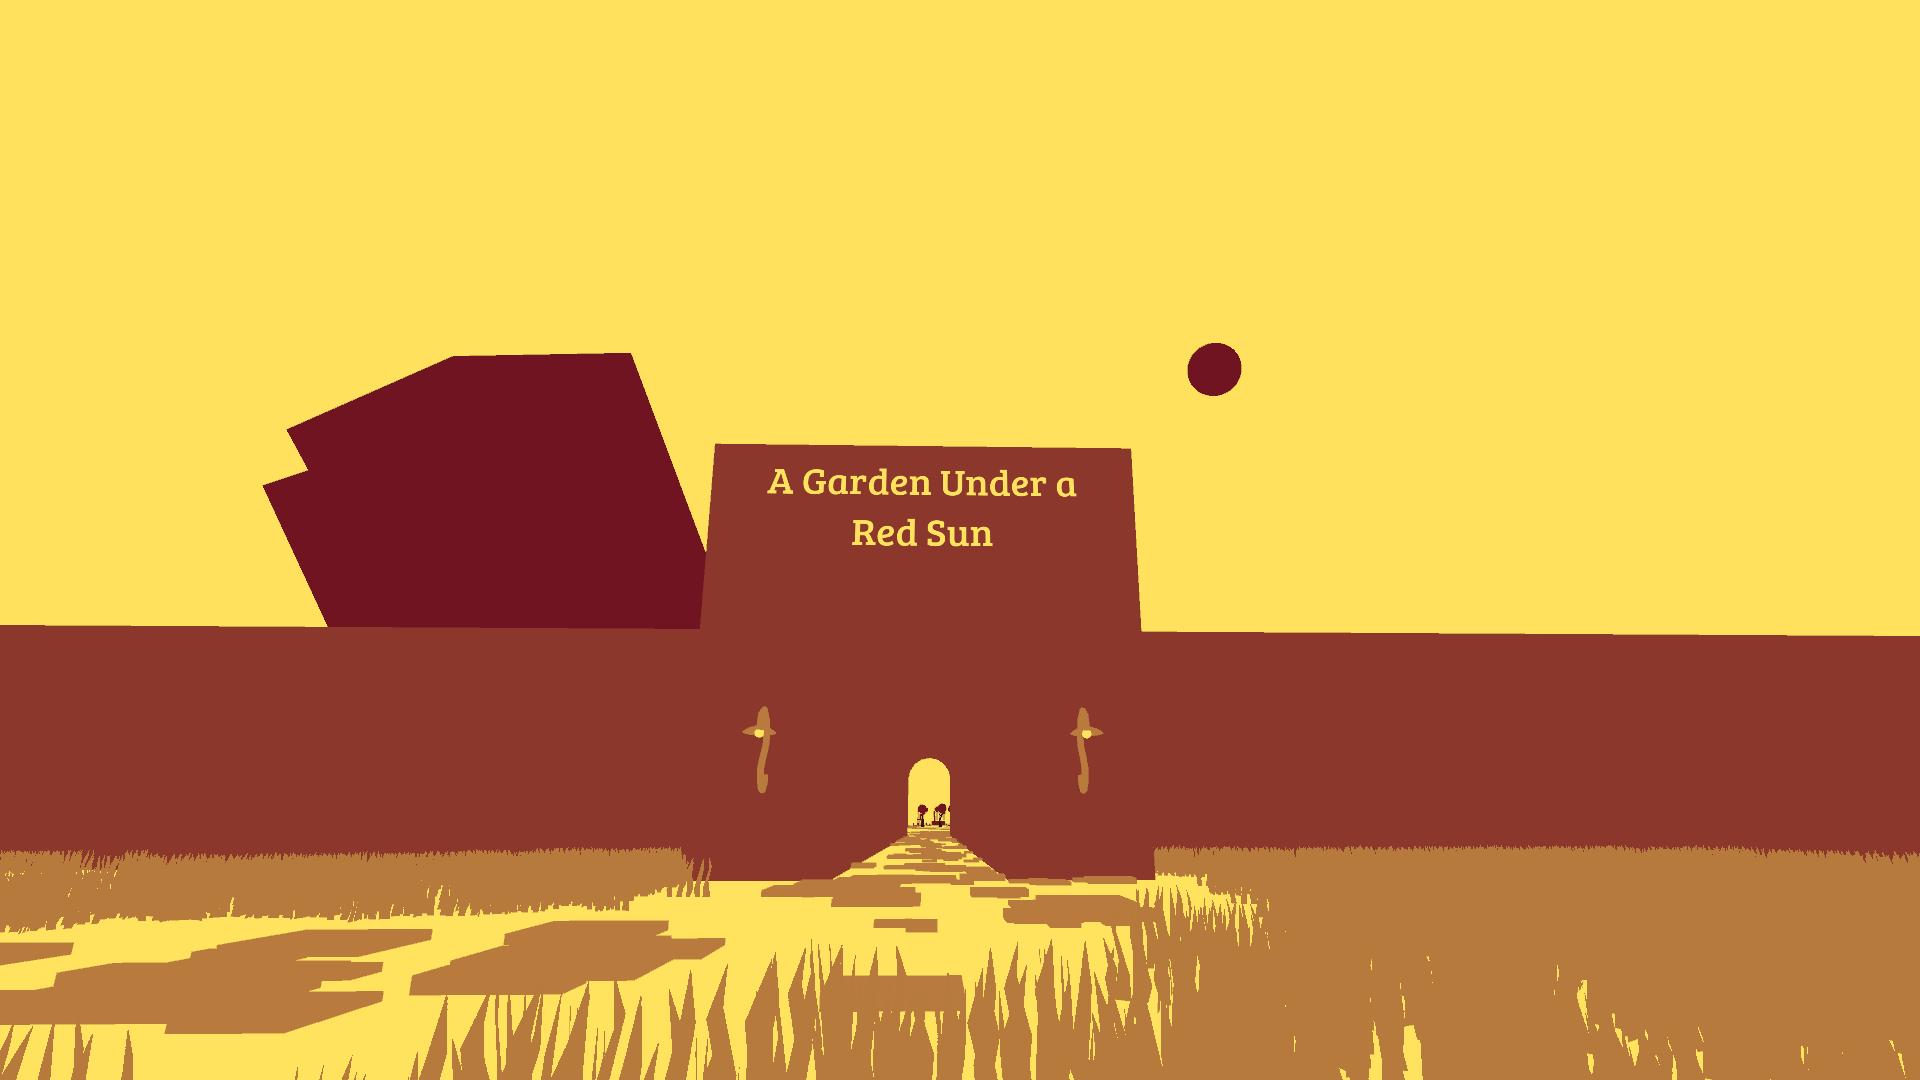 A Garden Under a Red Sun